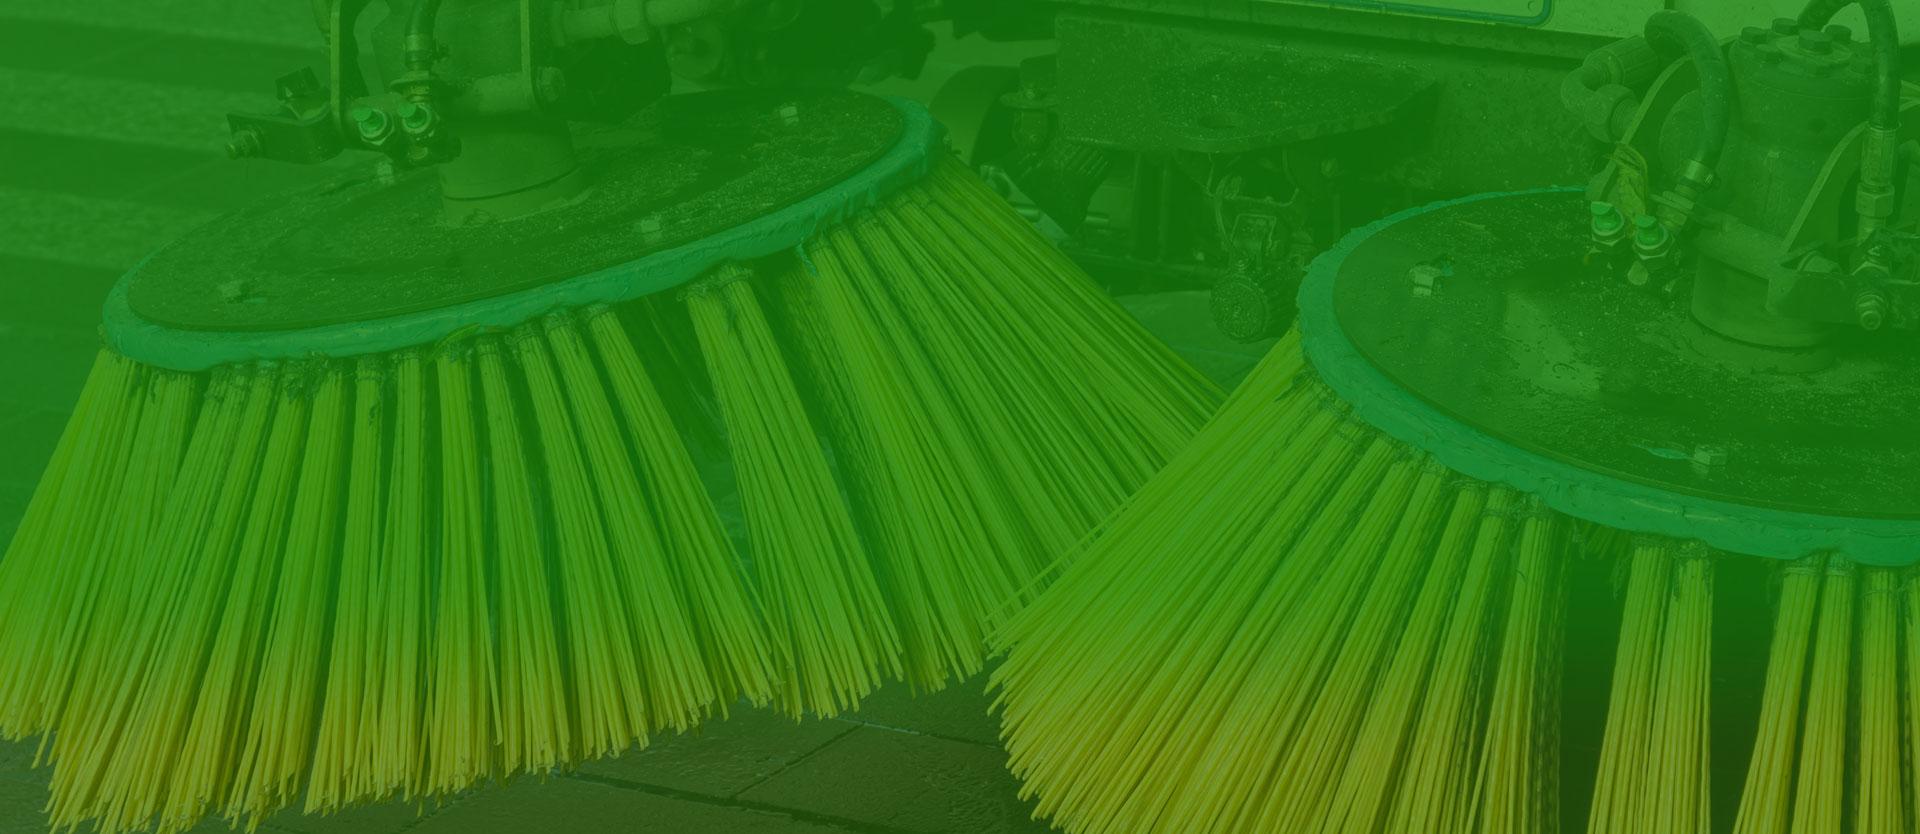 Výroba komunálních a průmyslových kartáčů | 2xP konsorcium